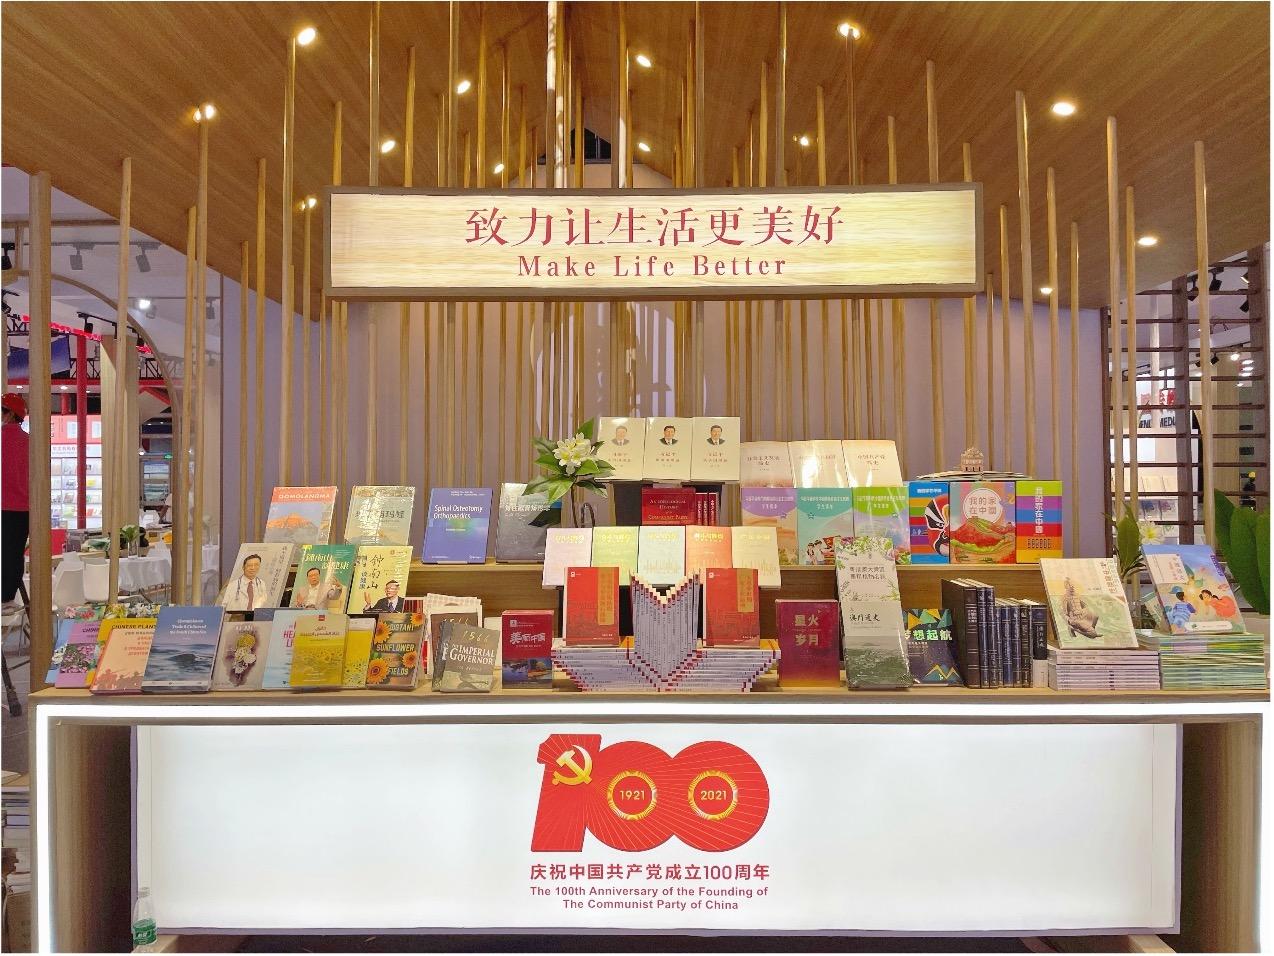 参展第28届北京国际图书博览会.jpg